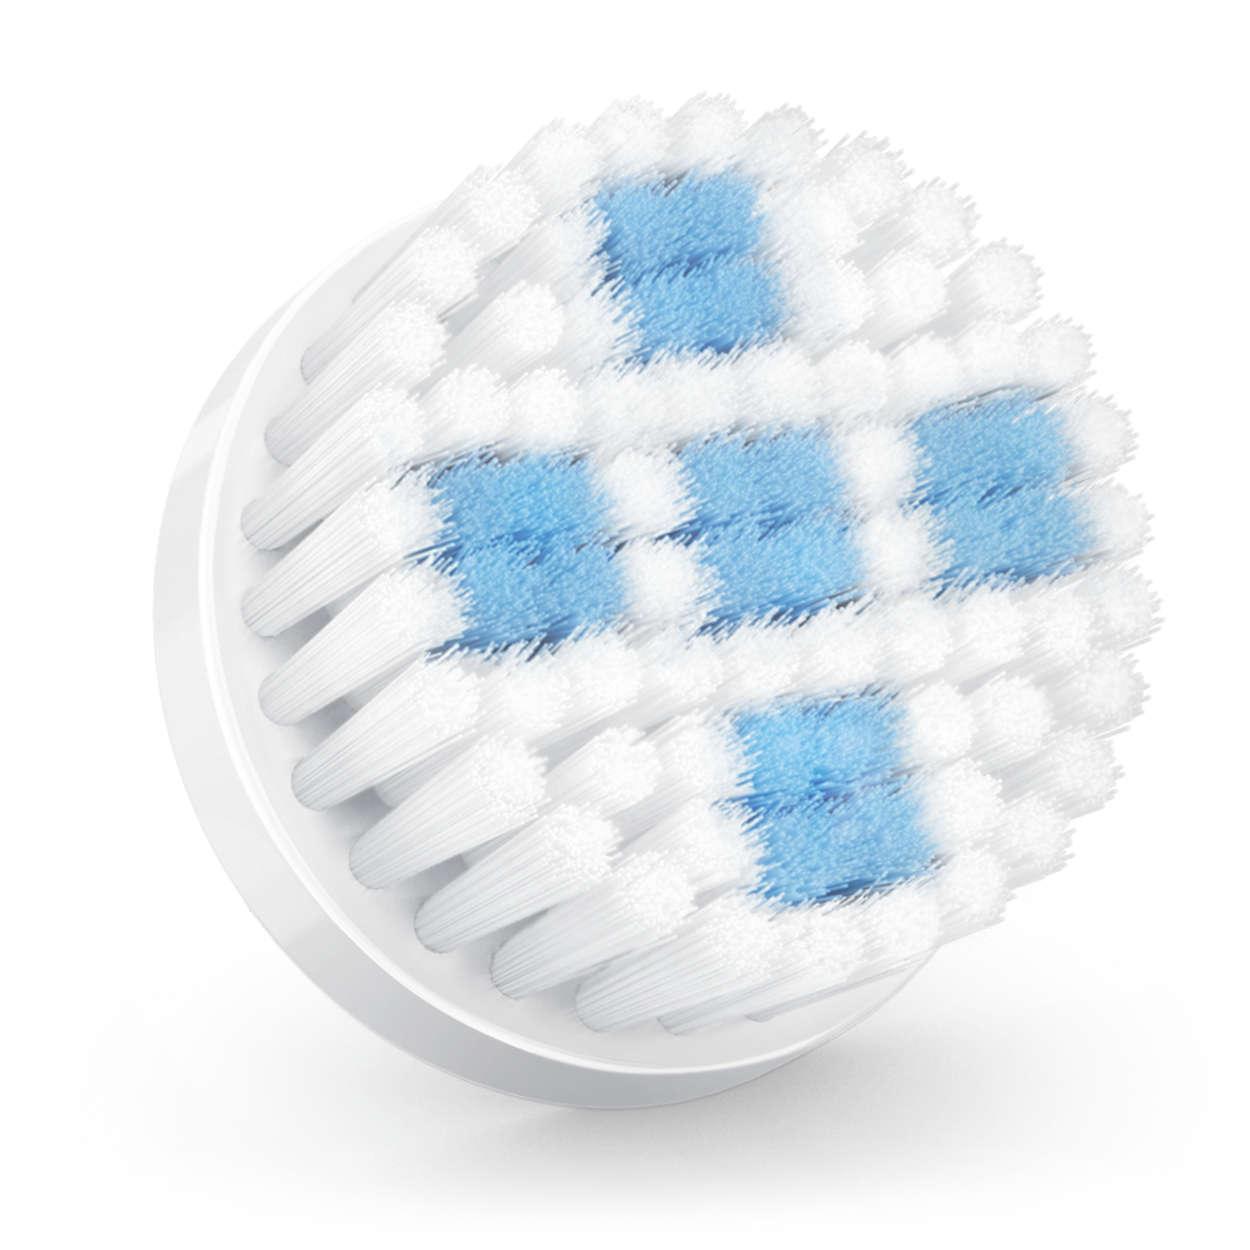 Cabeça da escova para limpeza profunda dos poros